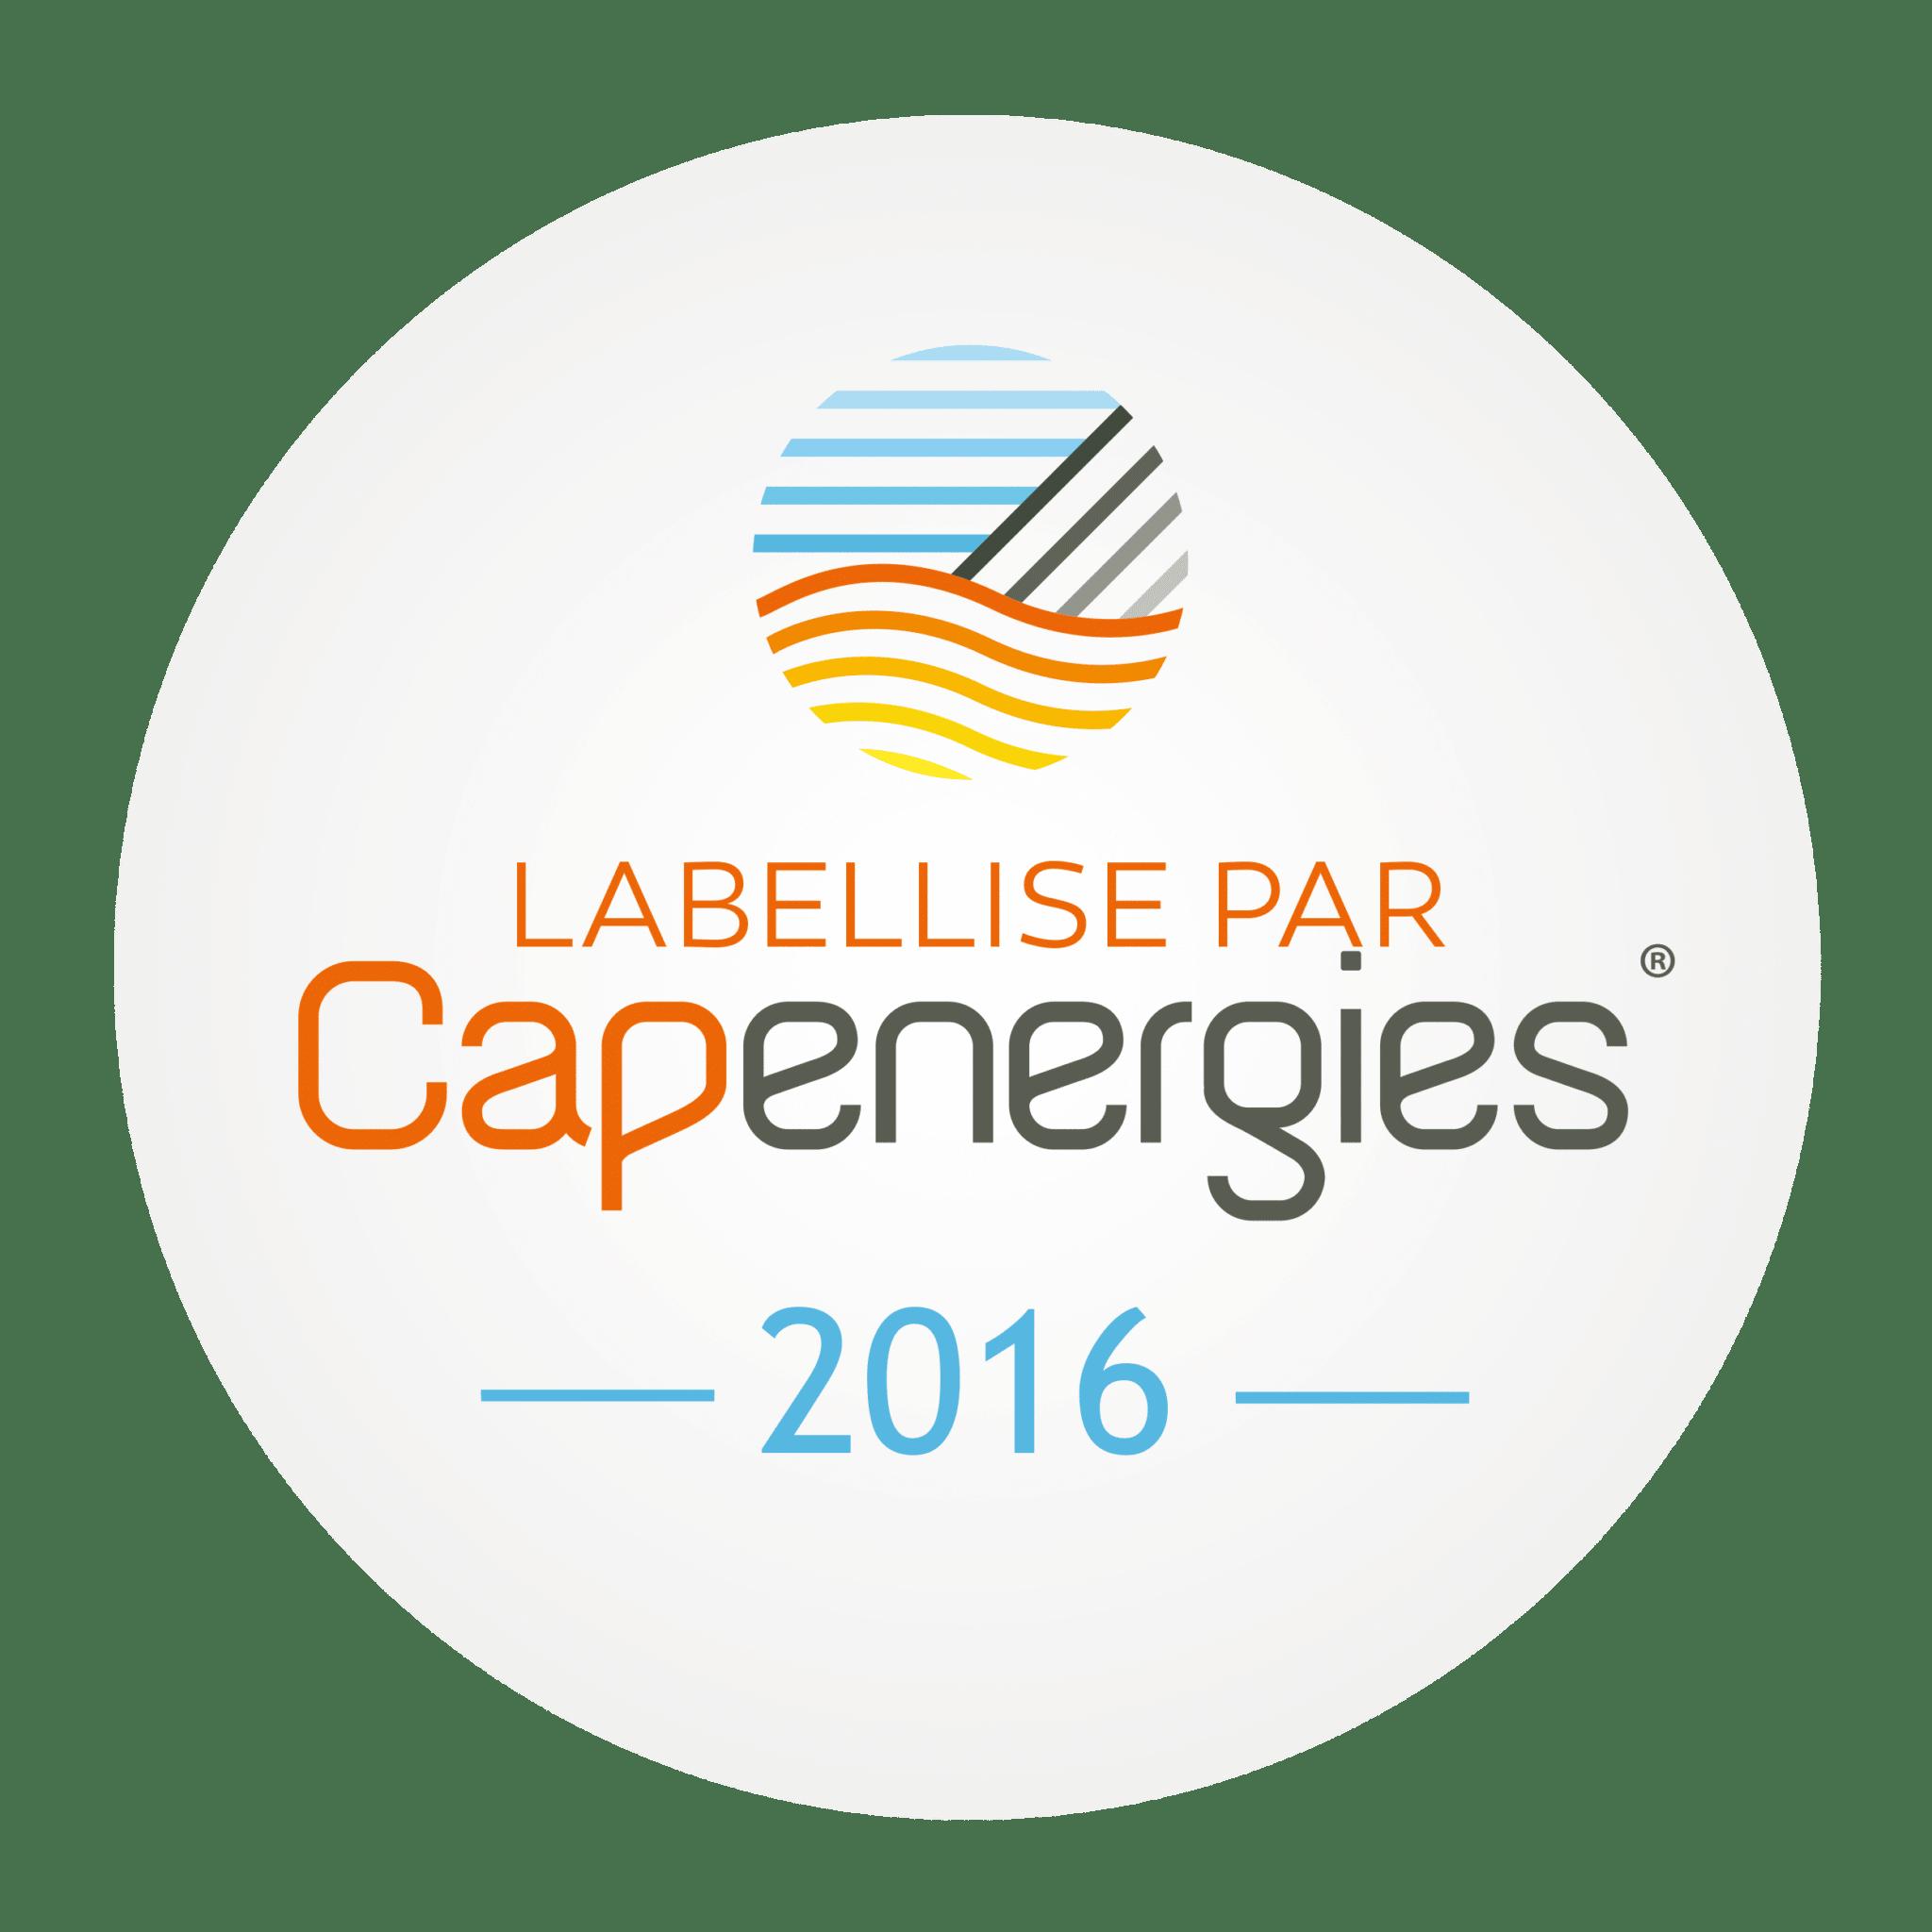 Capenergie_LogoLabel 2016